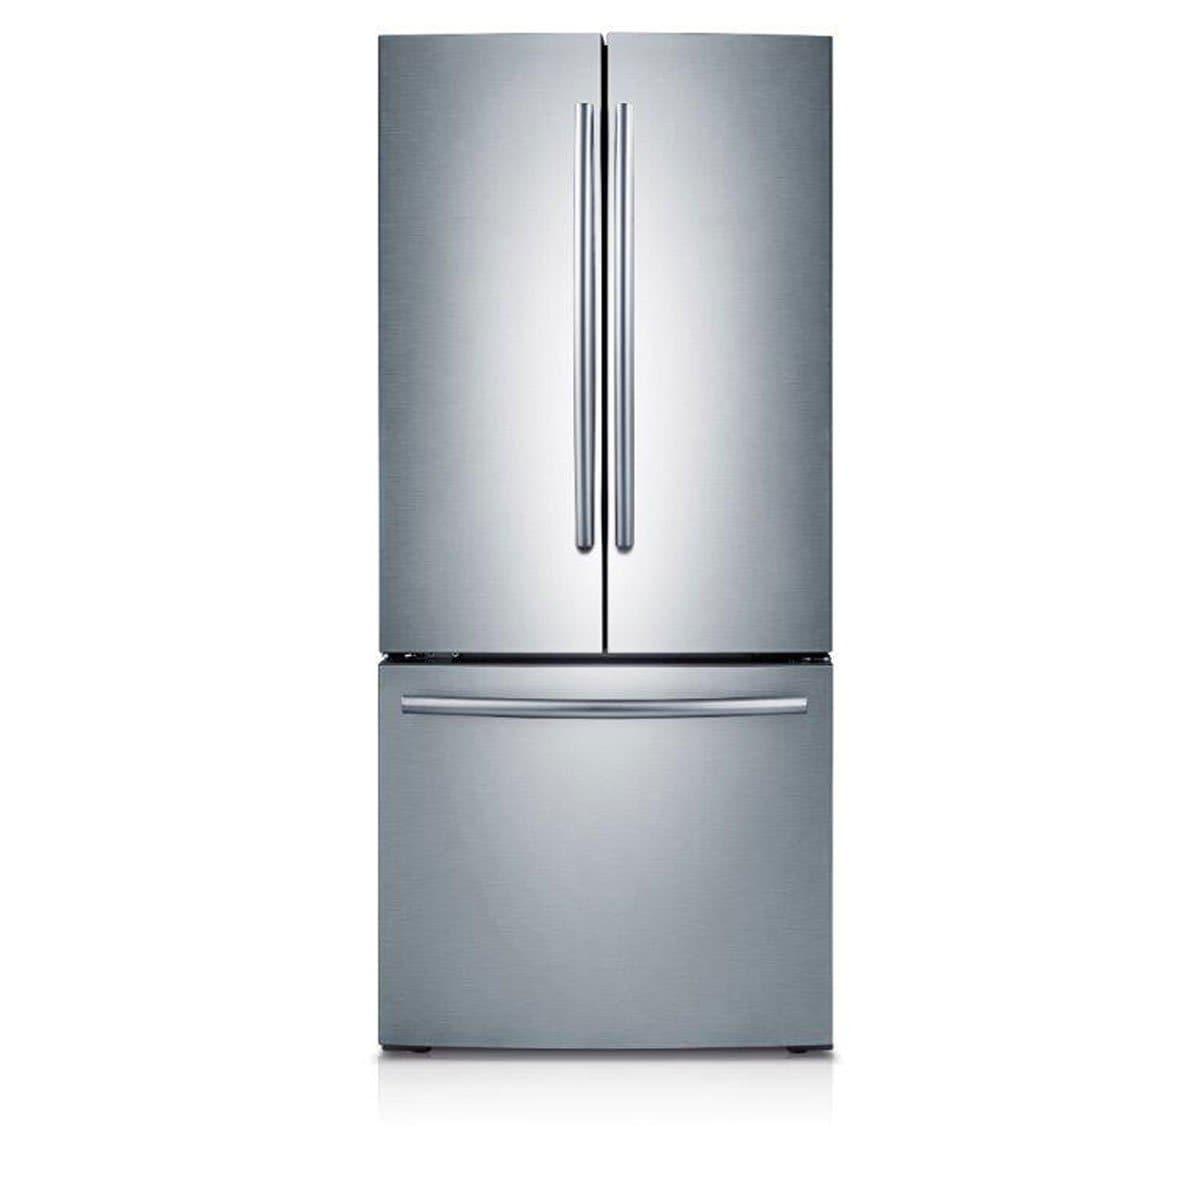 Refrigerador Samsung French 22 P Rf Silver